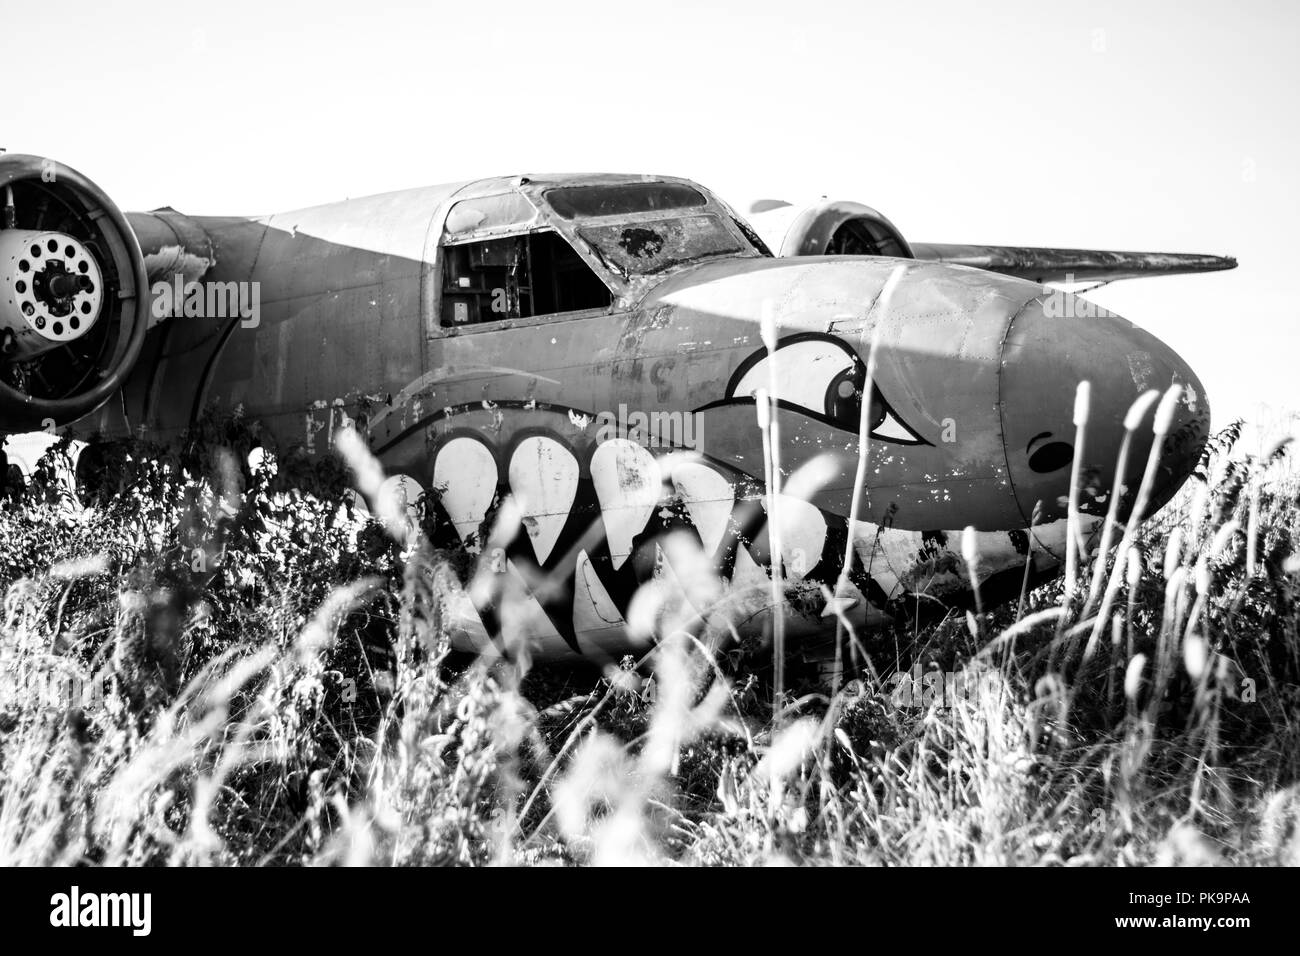 Ww2 Abandoned Plane Stock Photos & Ww2 Abandoned Plane Stock Images